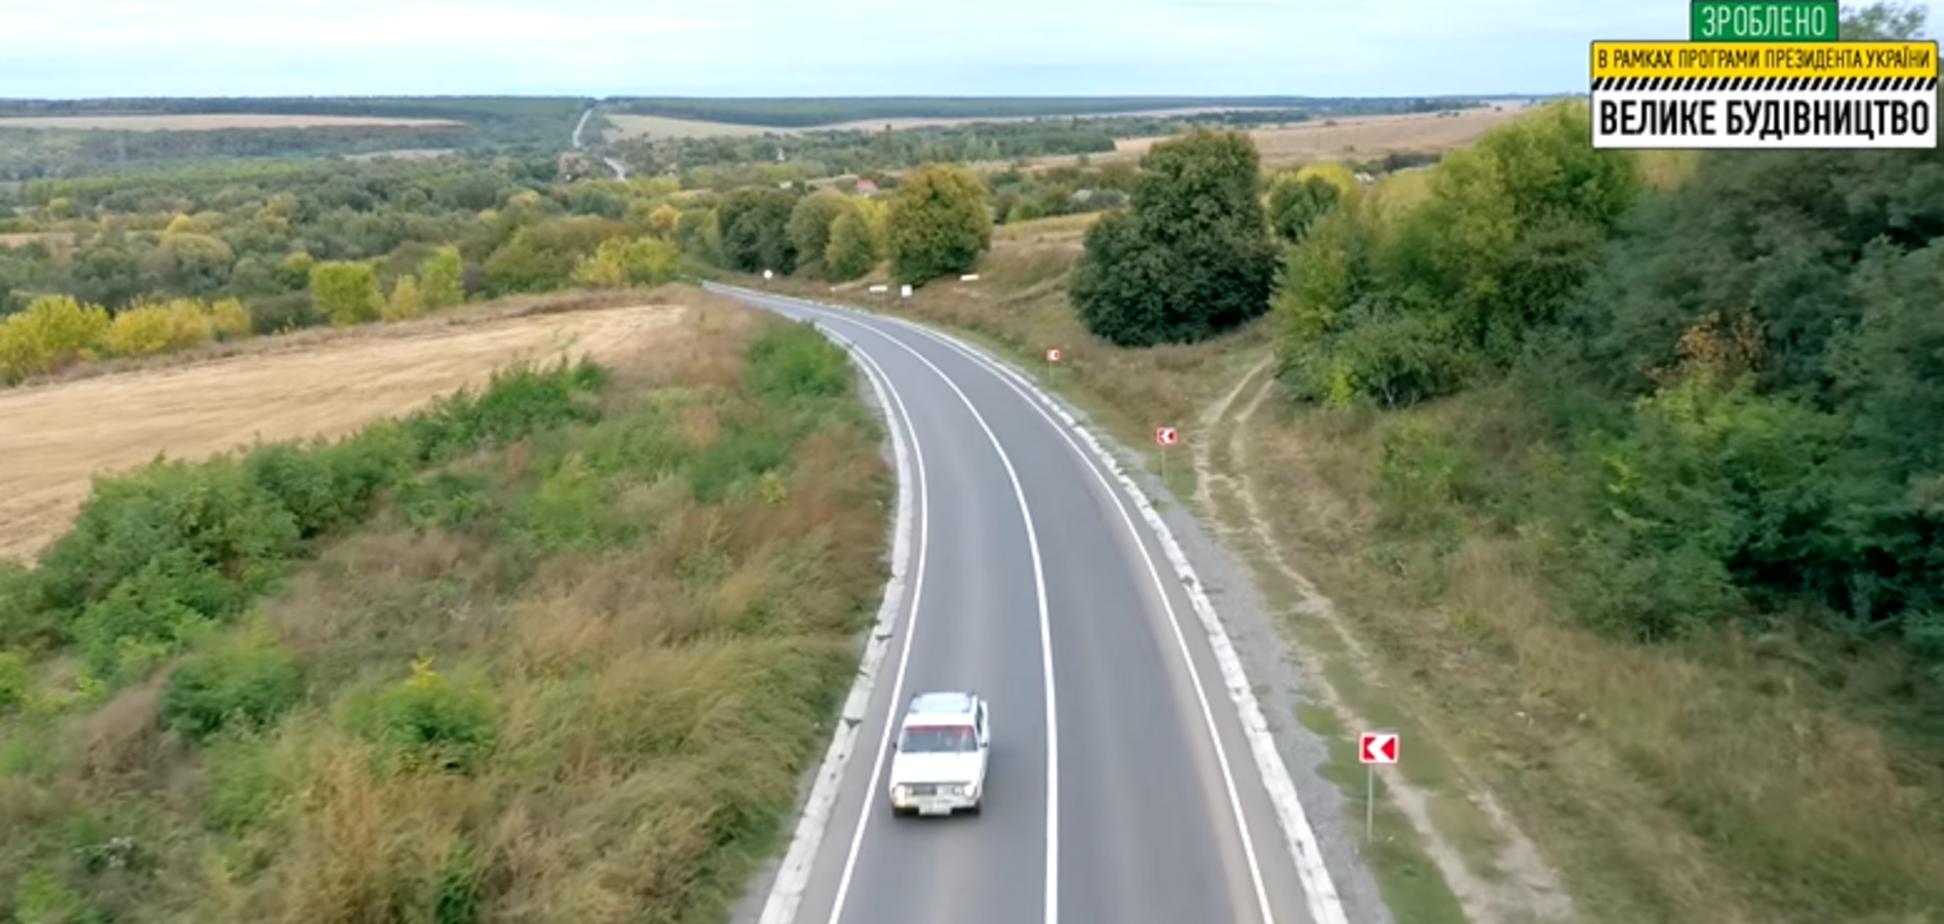 В Винницкой области завершился ремонт участка дороги протяженностью 11,79 км